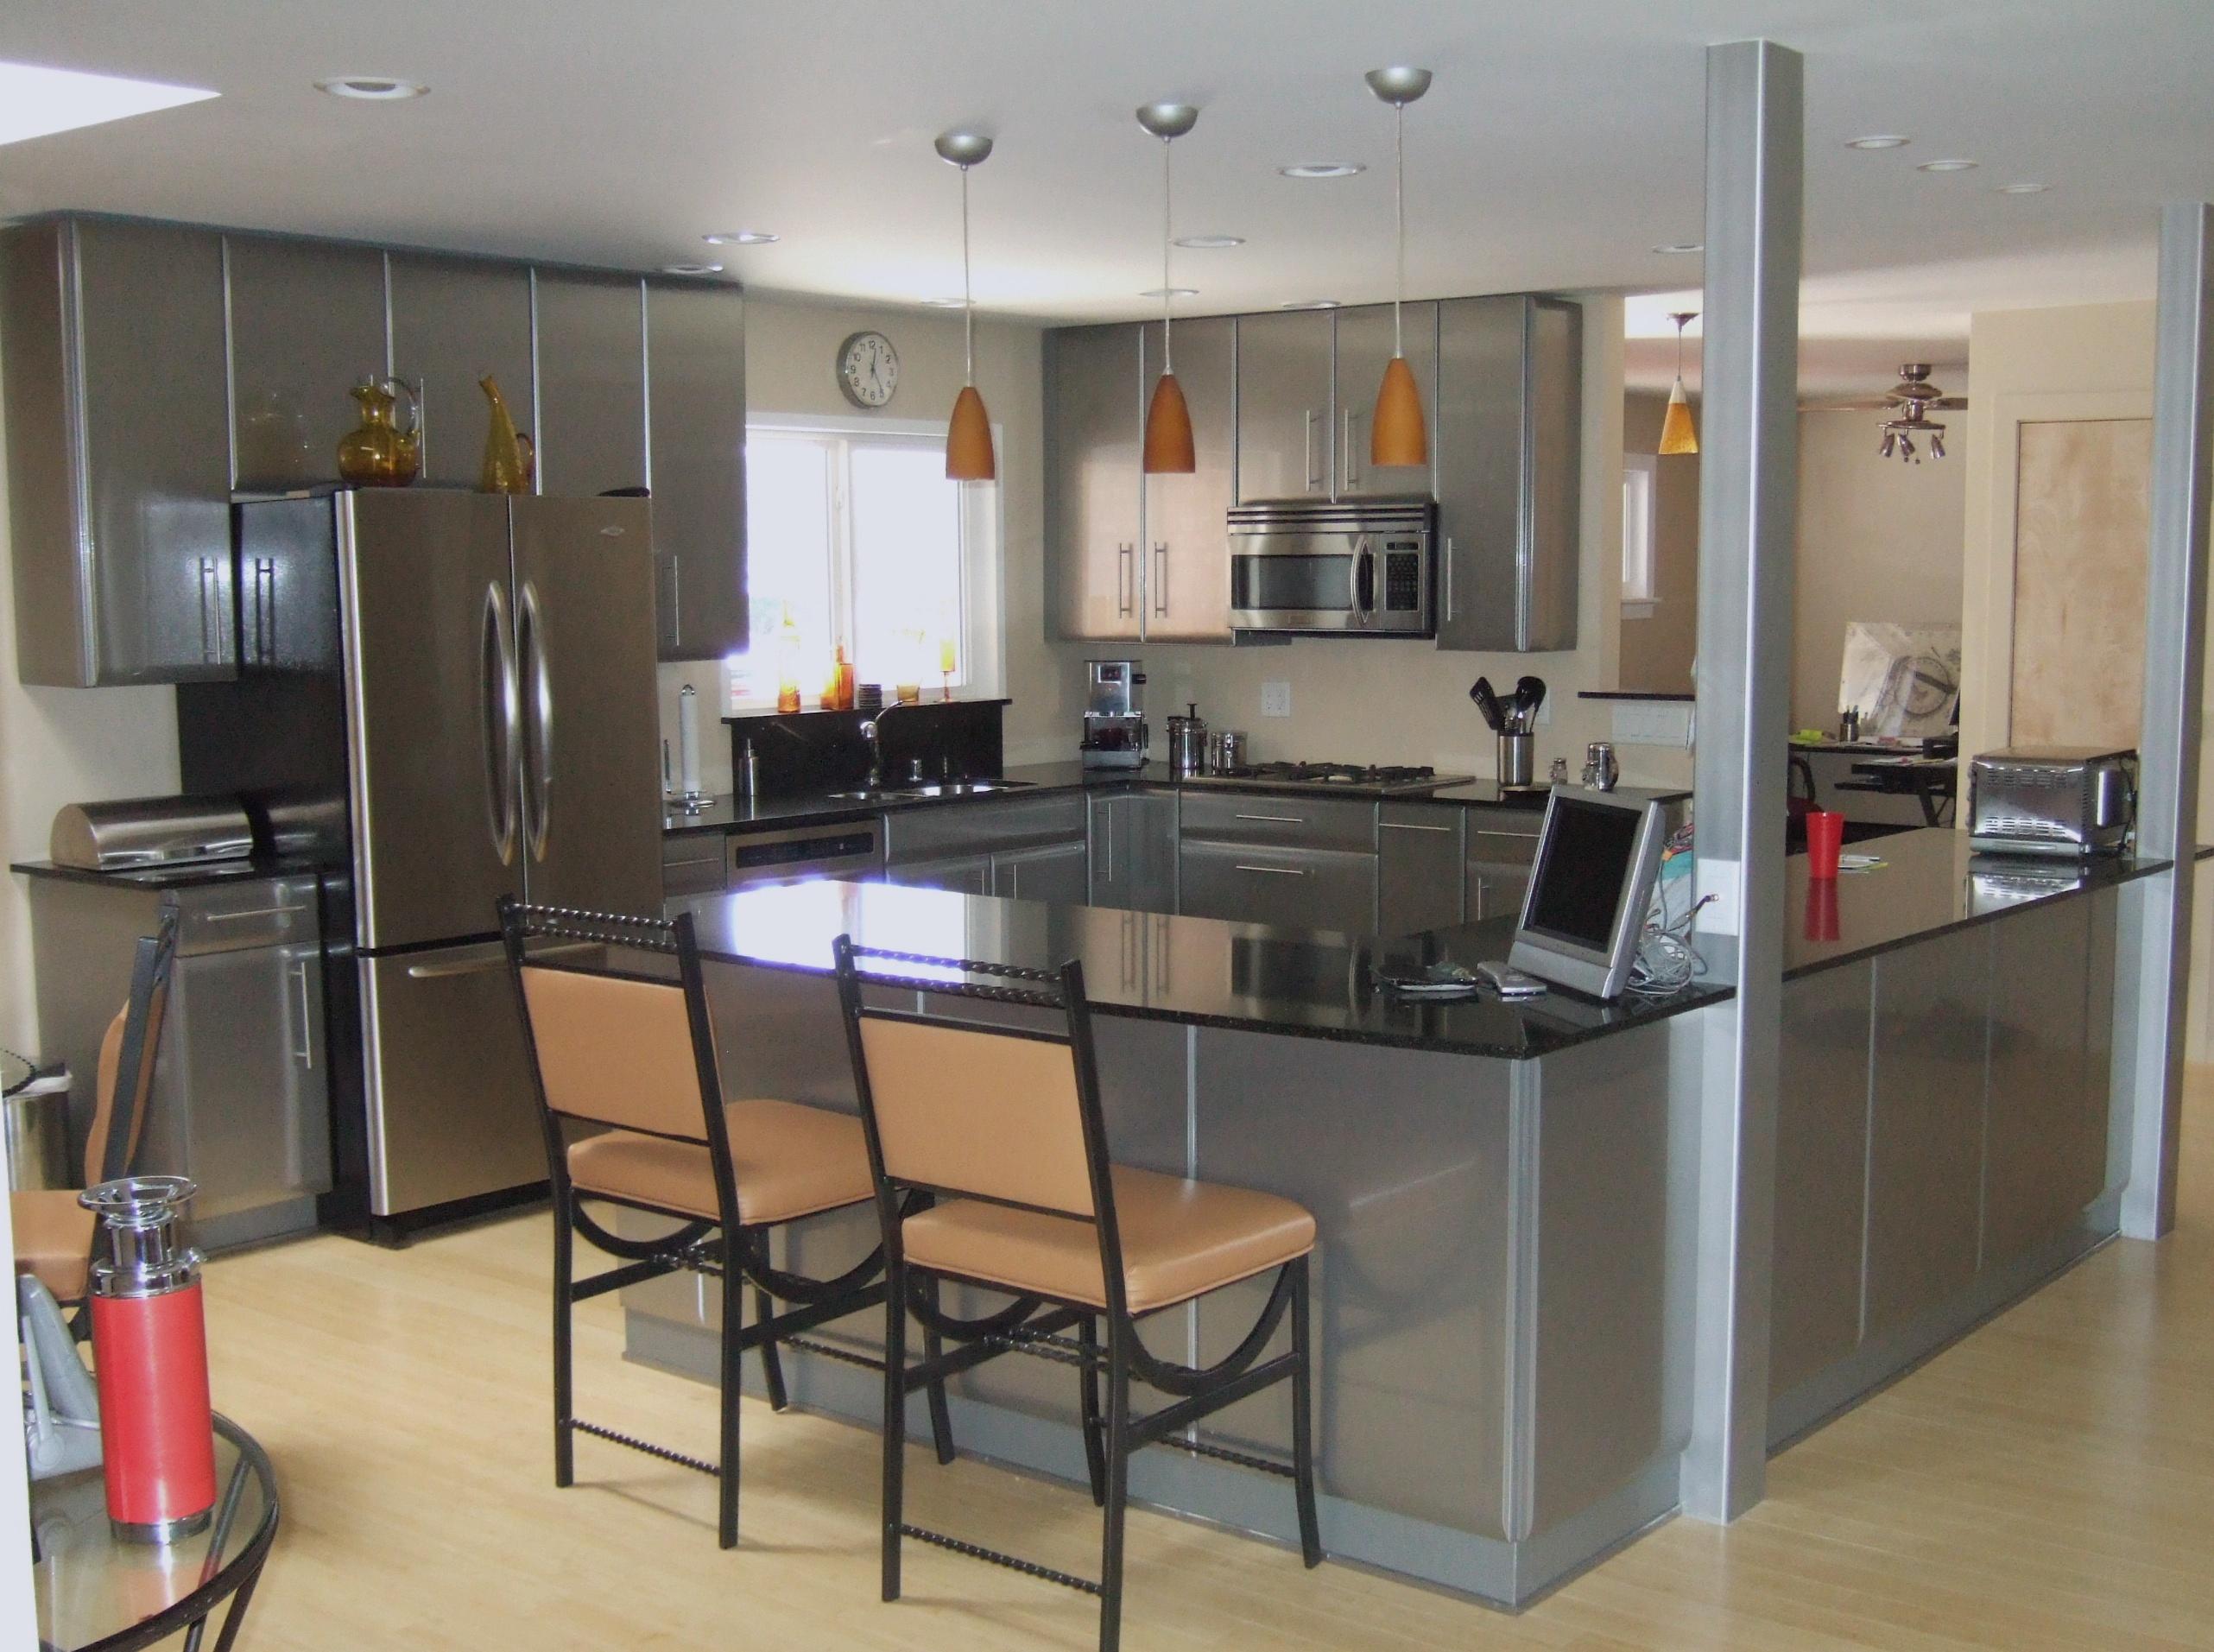 Stainless Steel Kitchen Cabinets | SteelKitchen